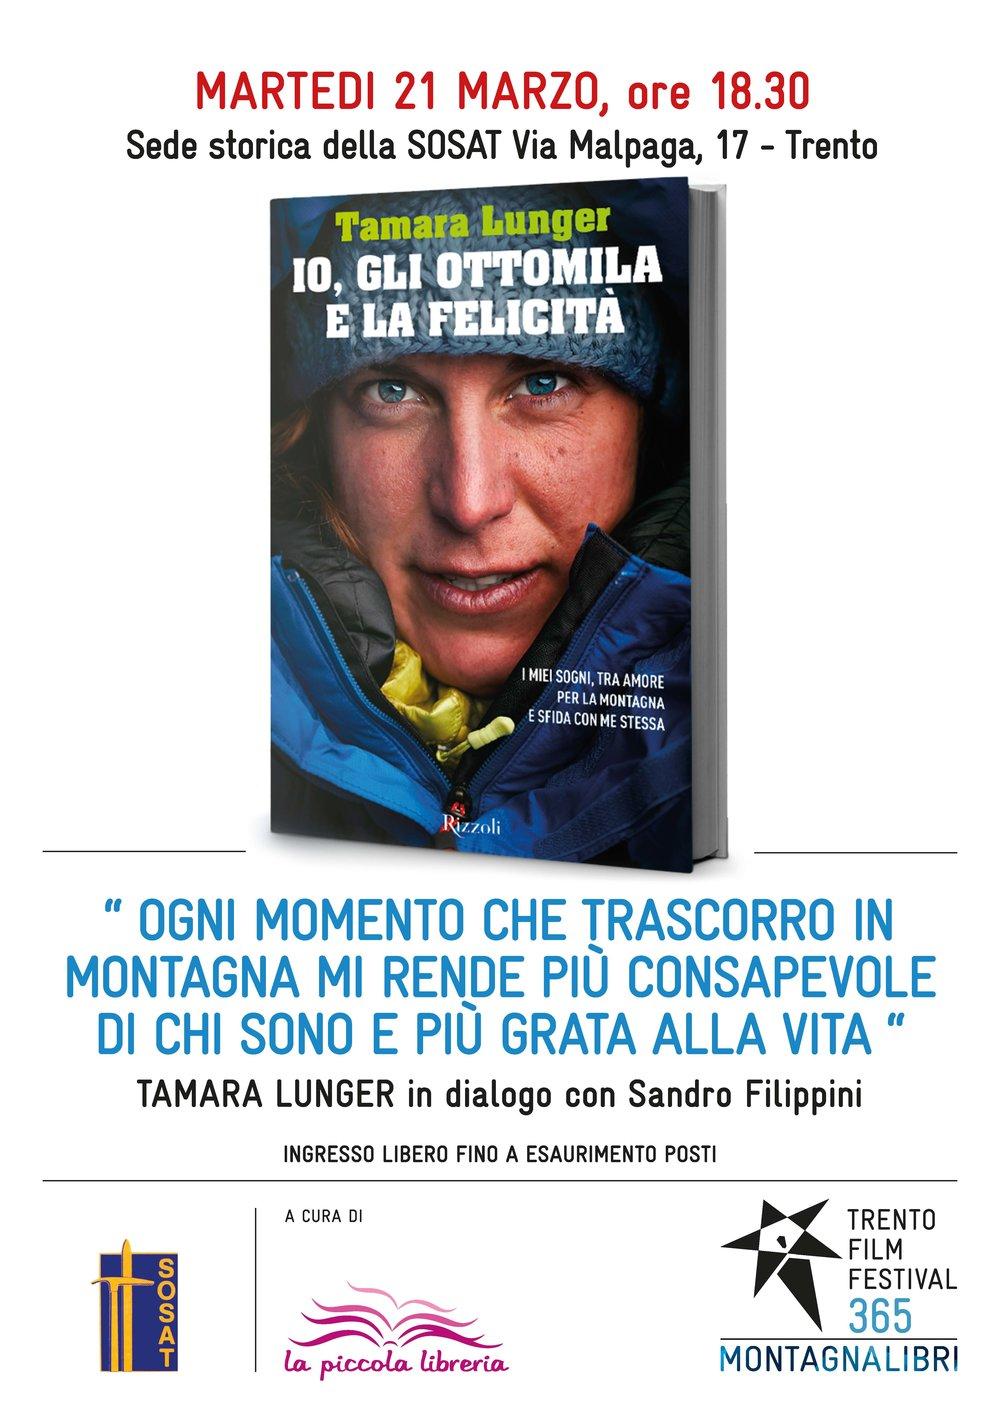 LA MITICA ALPINISTA TAMARA LUNGER IN DIALOGO CON SANDRO FILIPPINI #montagnalibri365 SOSAT VIA MALPAGA 17, TRENTO